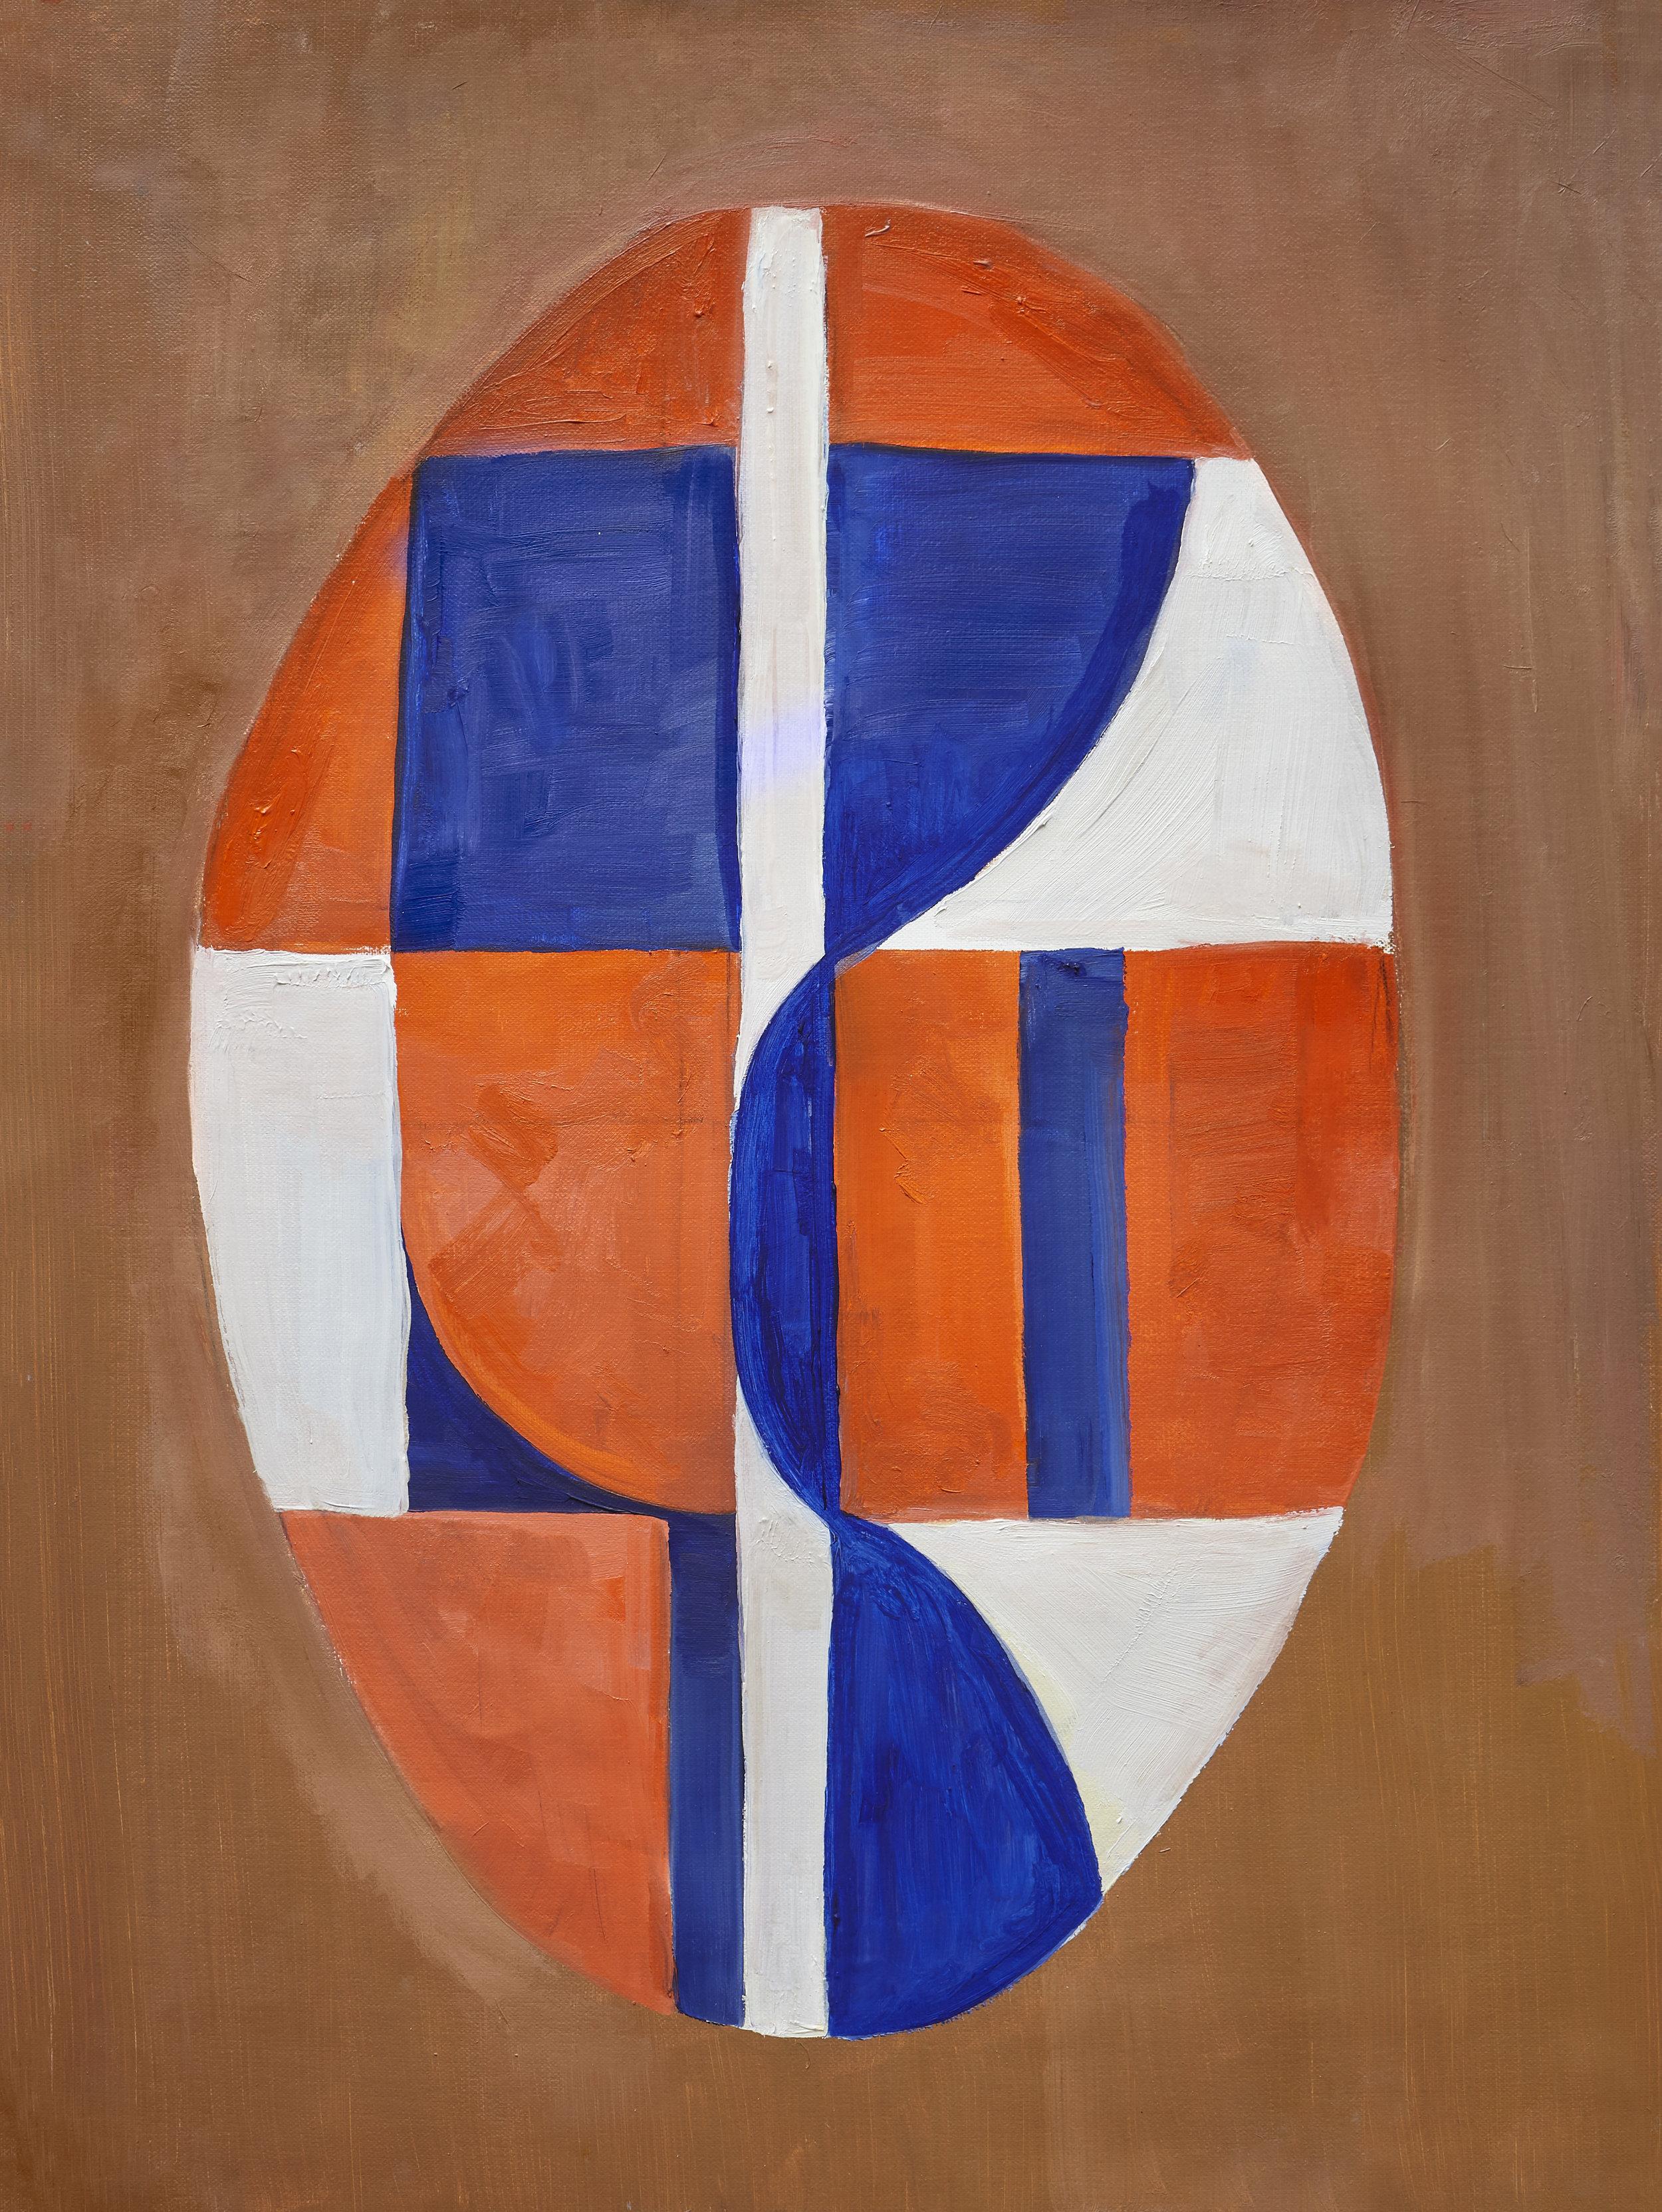 Carmen Herrera, óleo sobre tela, 47 x 36 cm, 2018 .jpg